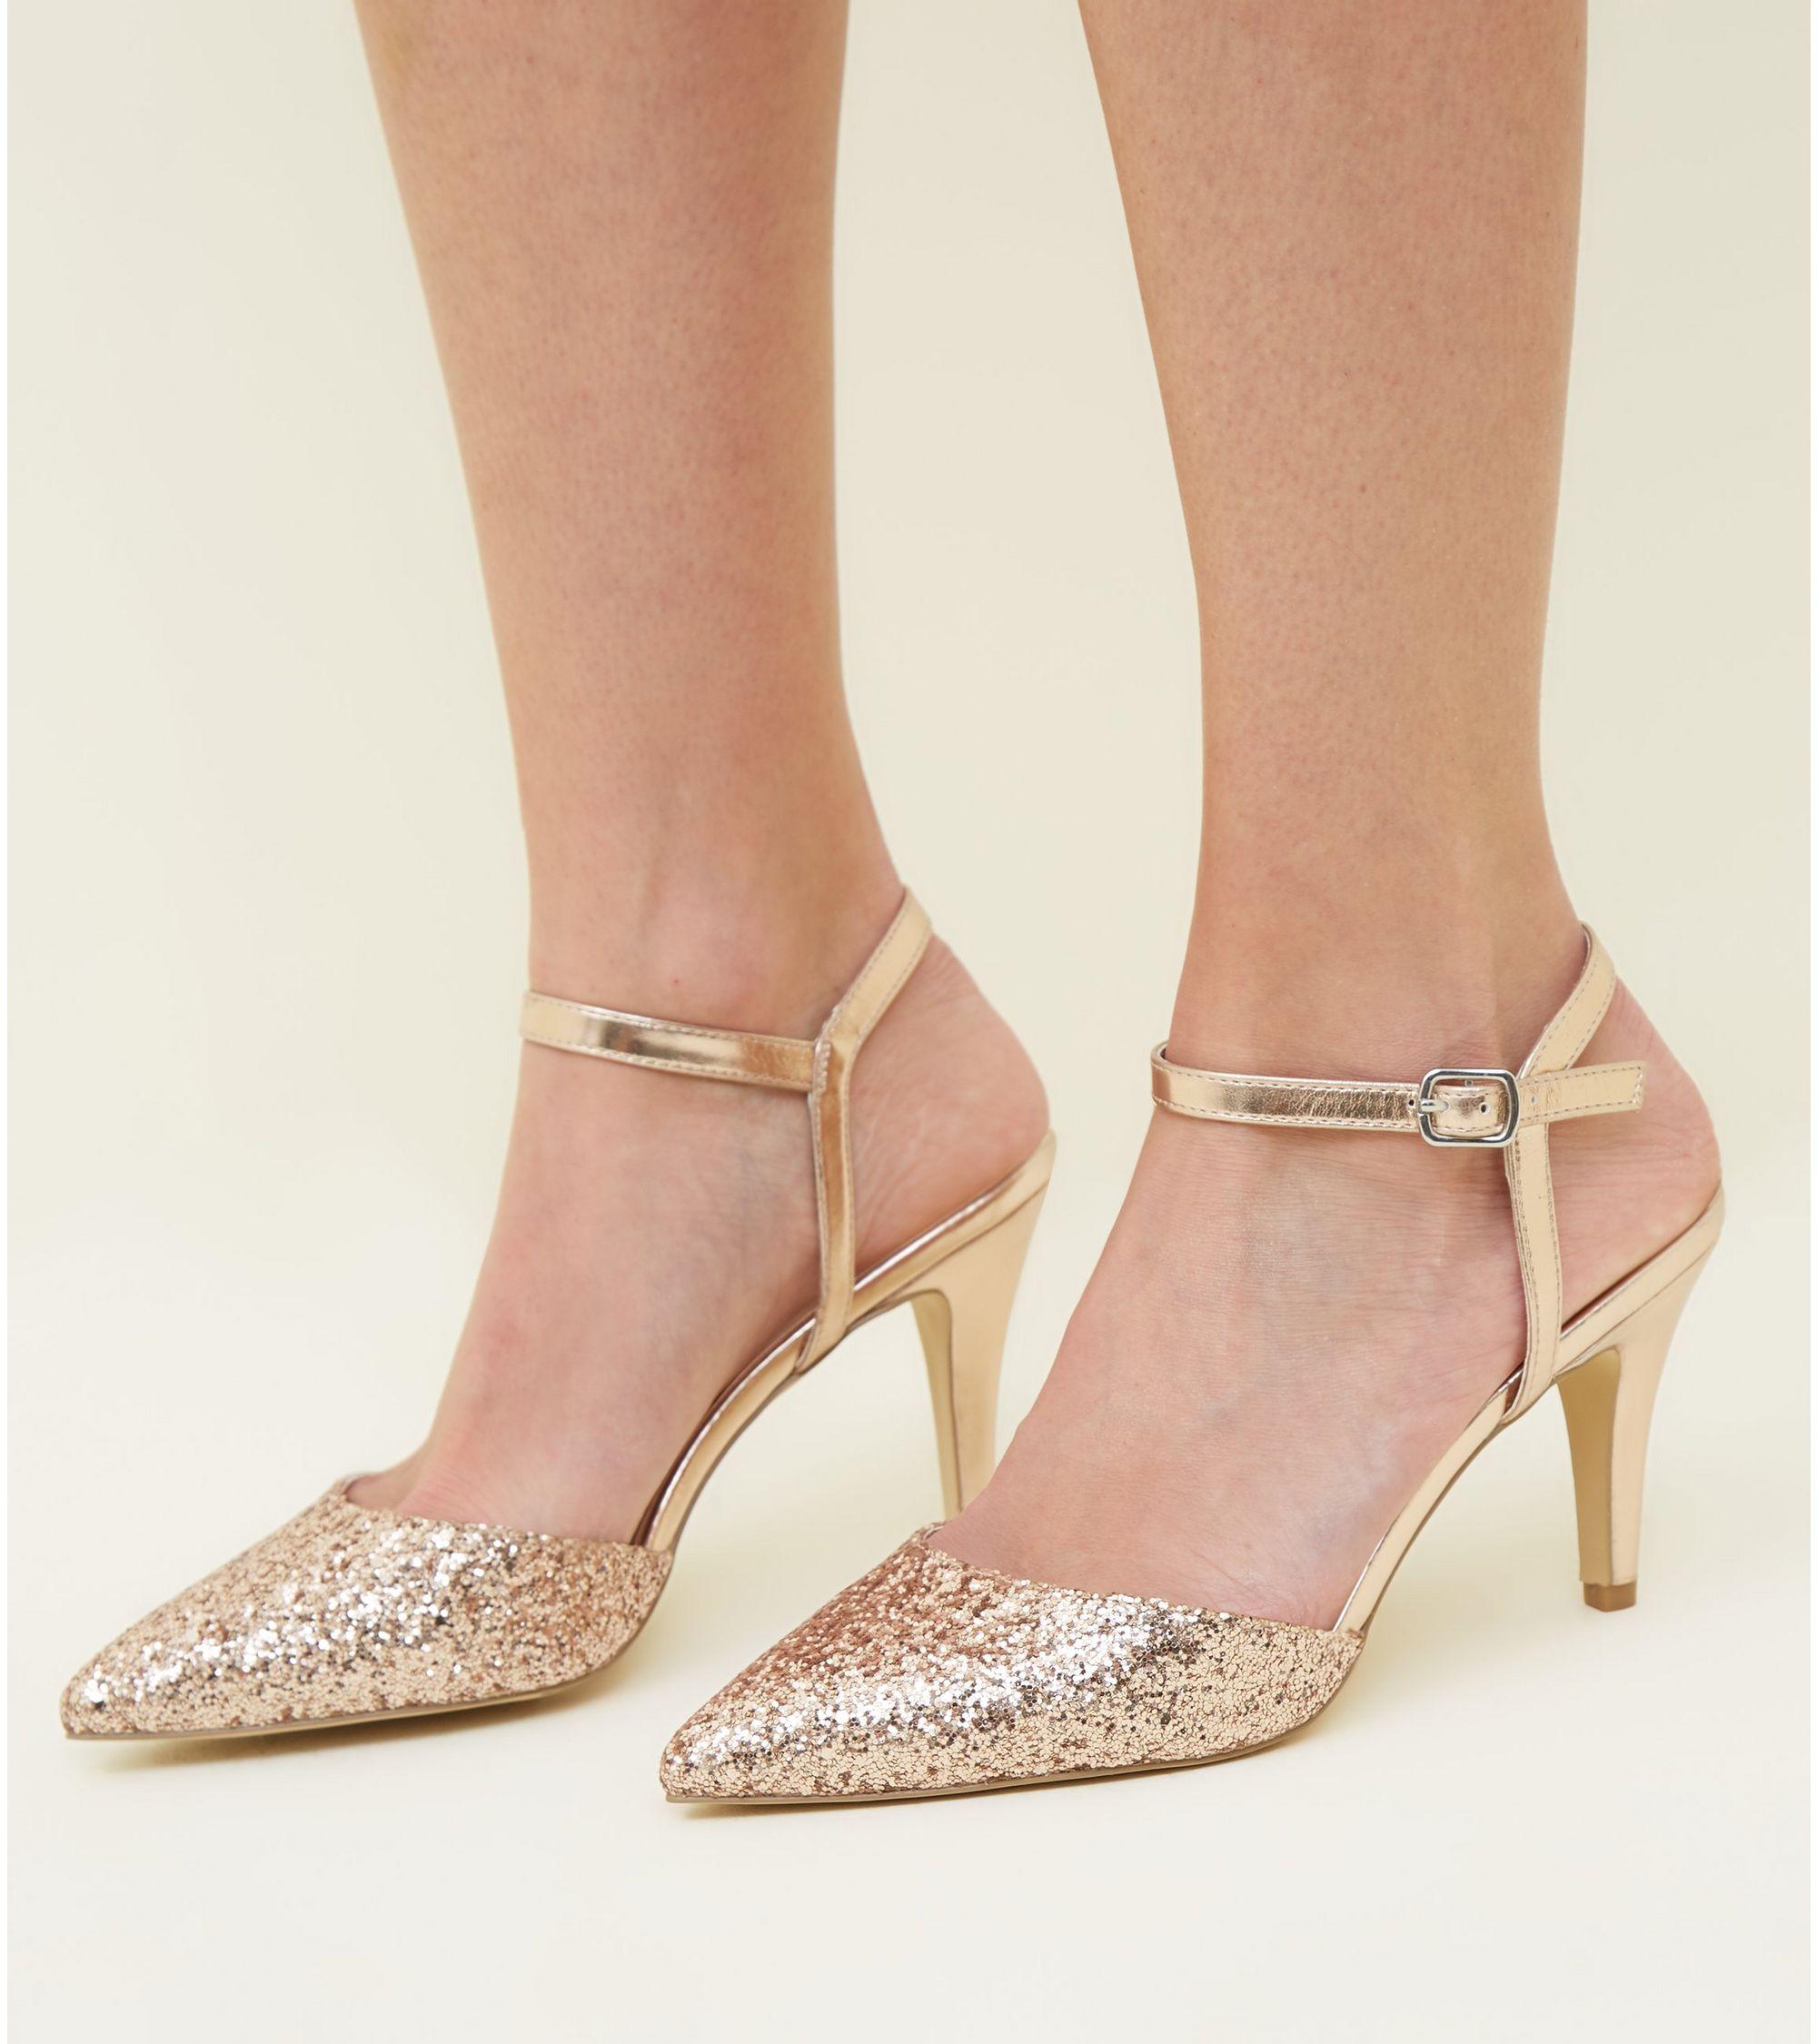 b9d8a5b1b8b4 New Look Wide Fit Rose Gold Glitter Stiletto Heels at £22.99